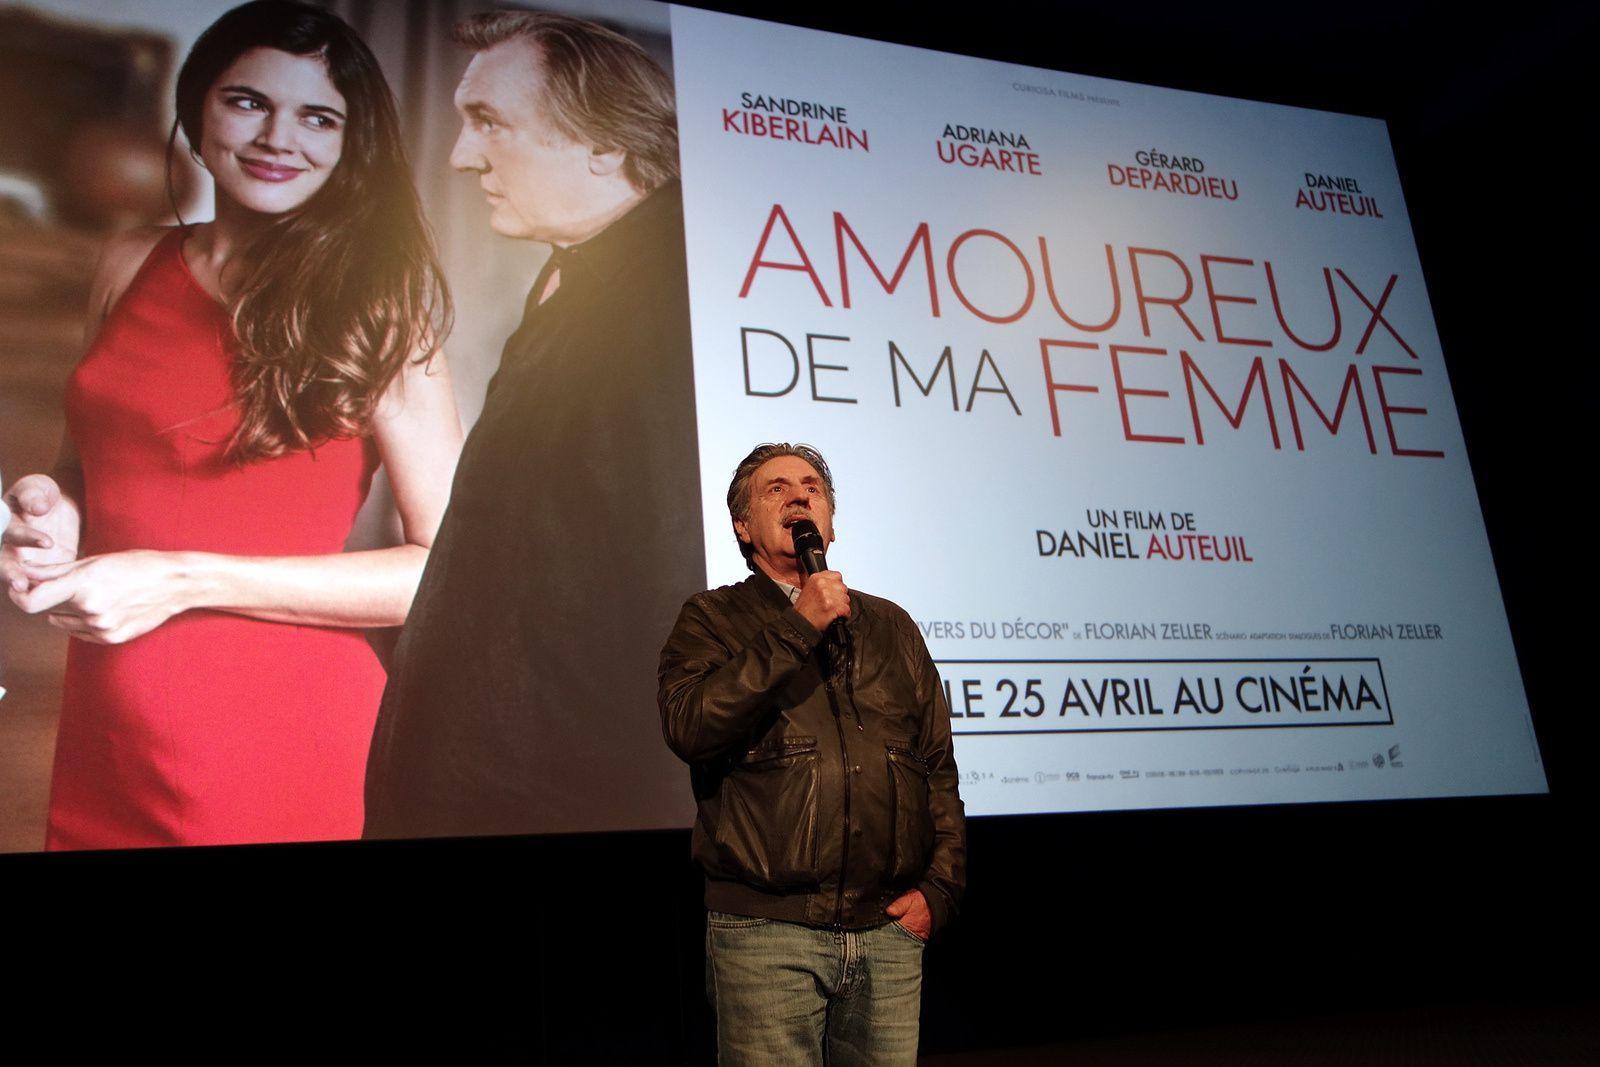 """DANIEL AUTEUIL à l'avant-première de son film """"AMOUREUX DE MA FEMME"""" (23/04/2018)"""